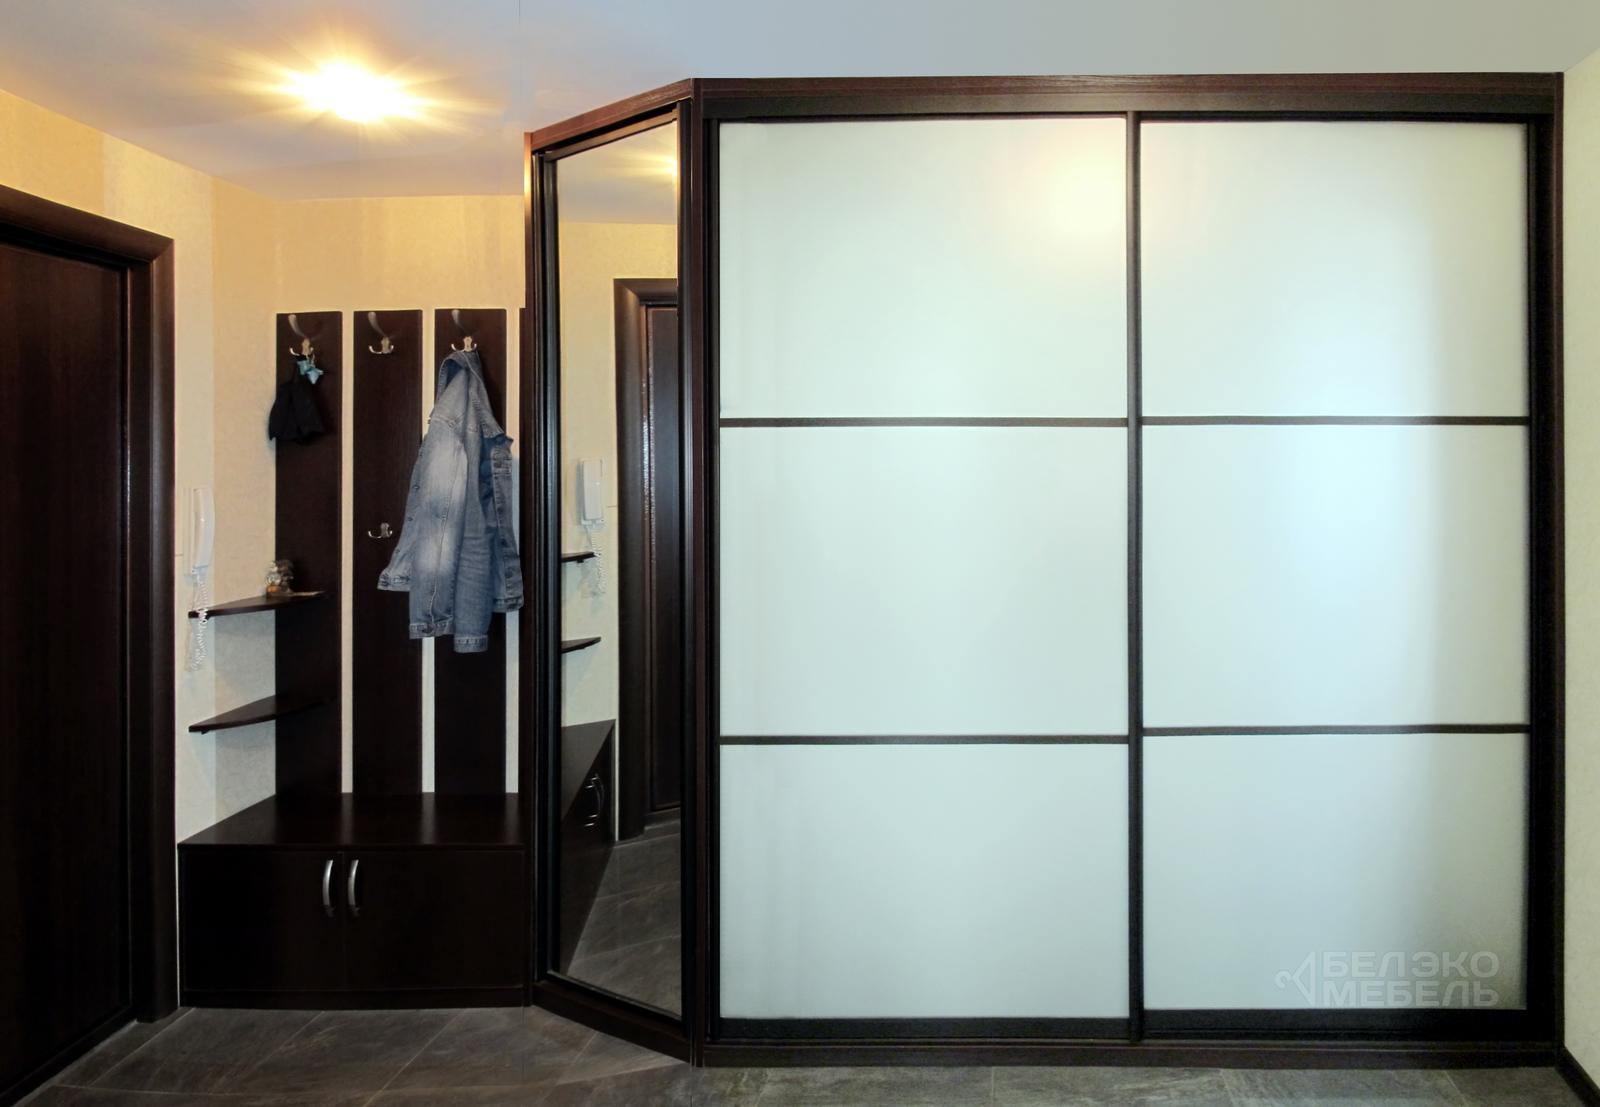 Функциональный шкаф-купе для прихожей